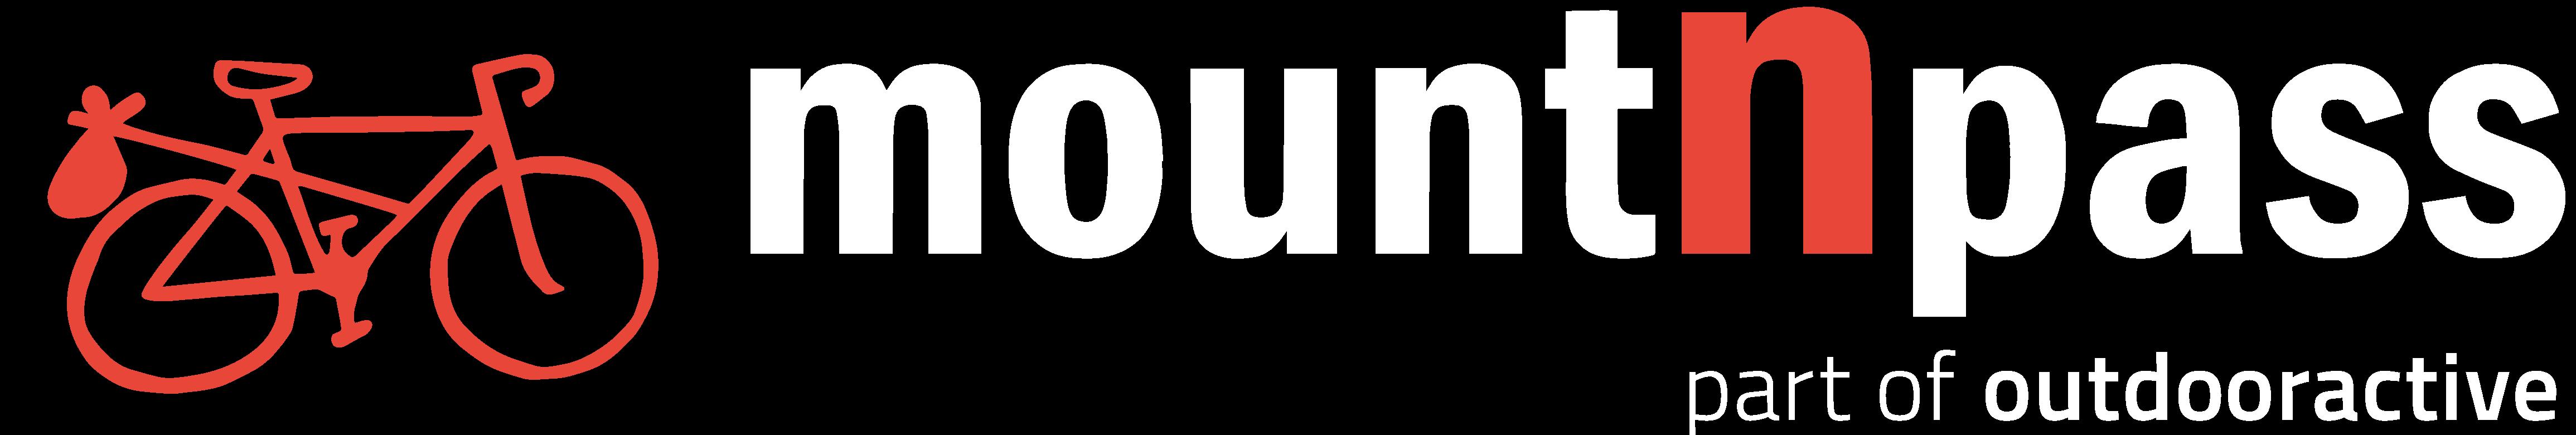 Mountnpass OAD